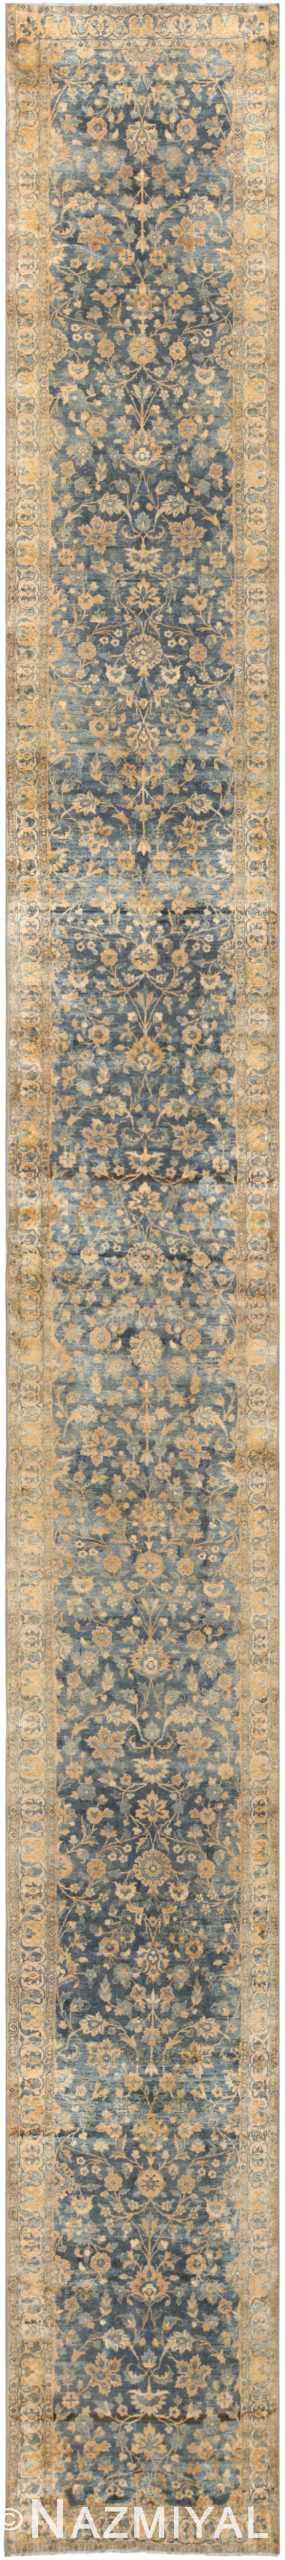 Antique Persian Kerman Runner 48267 Nazmiyal